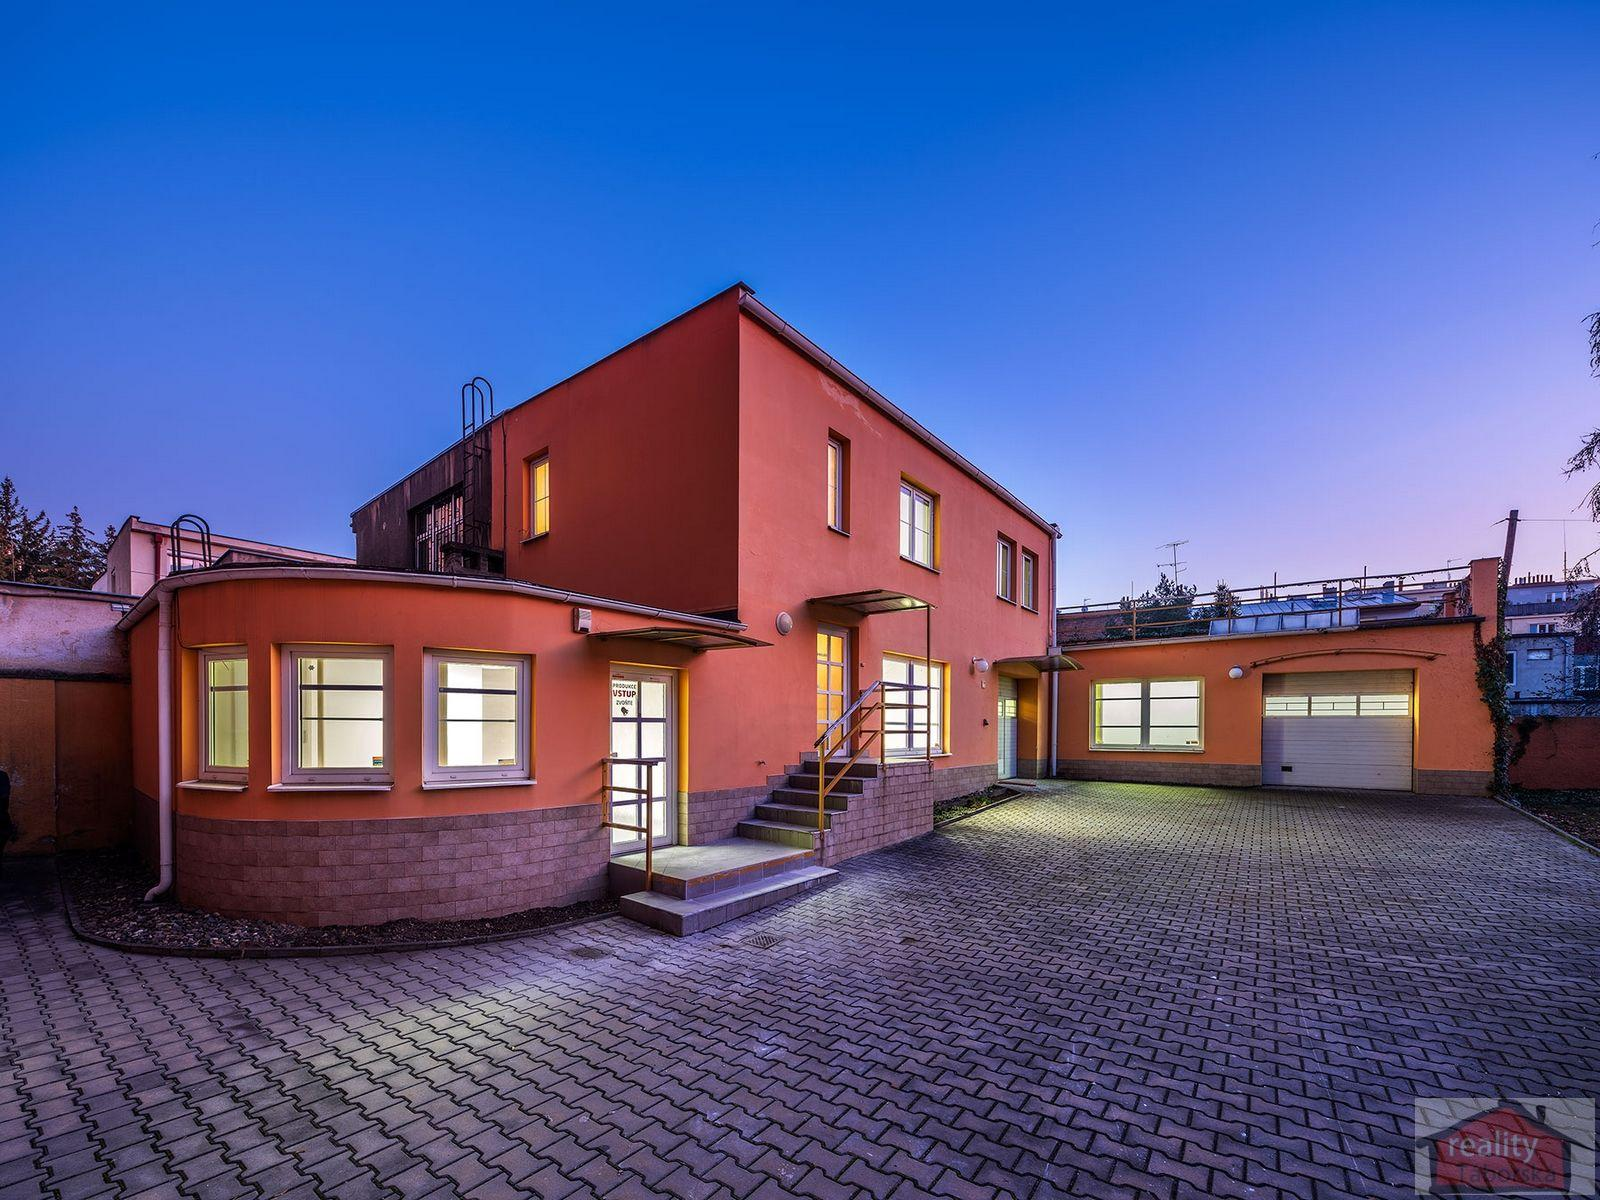 Pronájem nebytového objektu, Strašnice, Praha 10